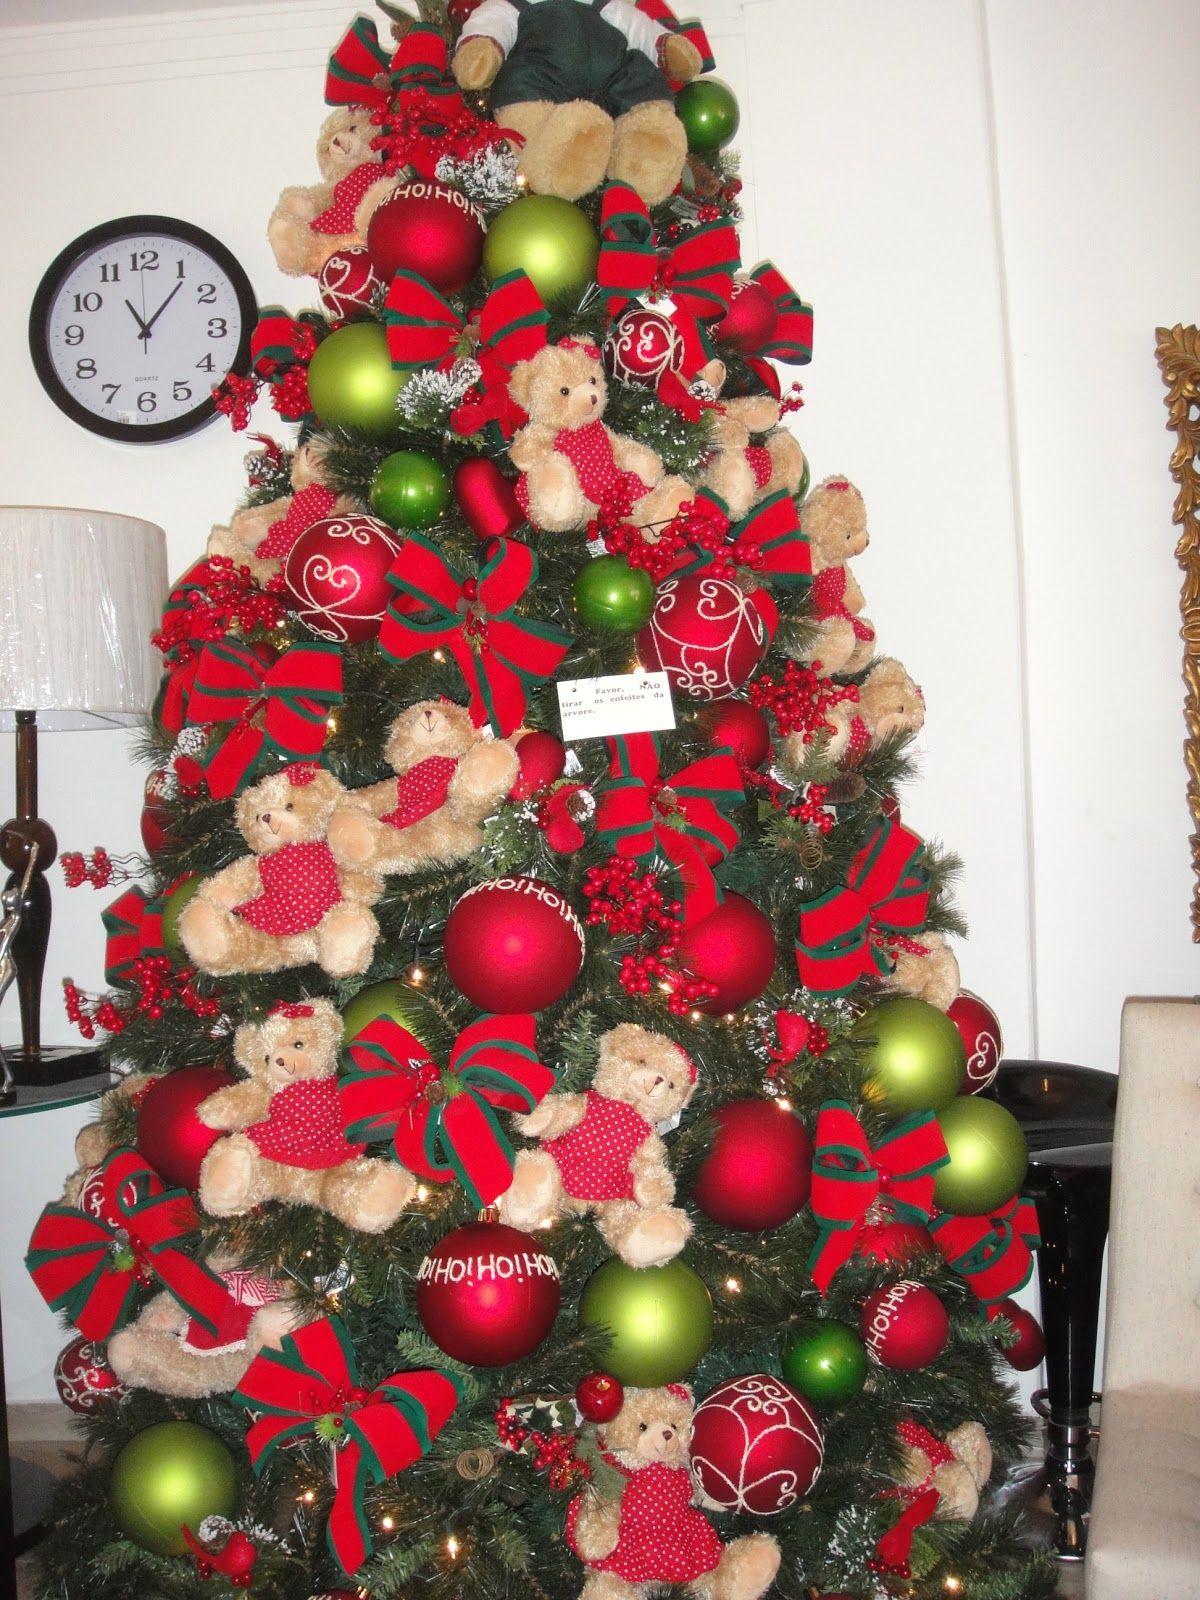 Arvore De Natal Decorada Com Lacos Pesquisa Google Com Imagens